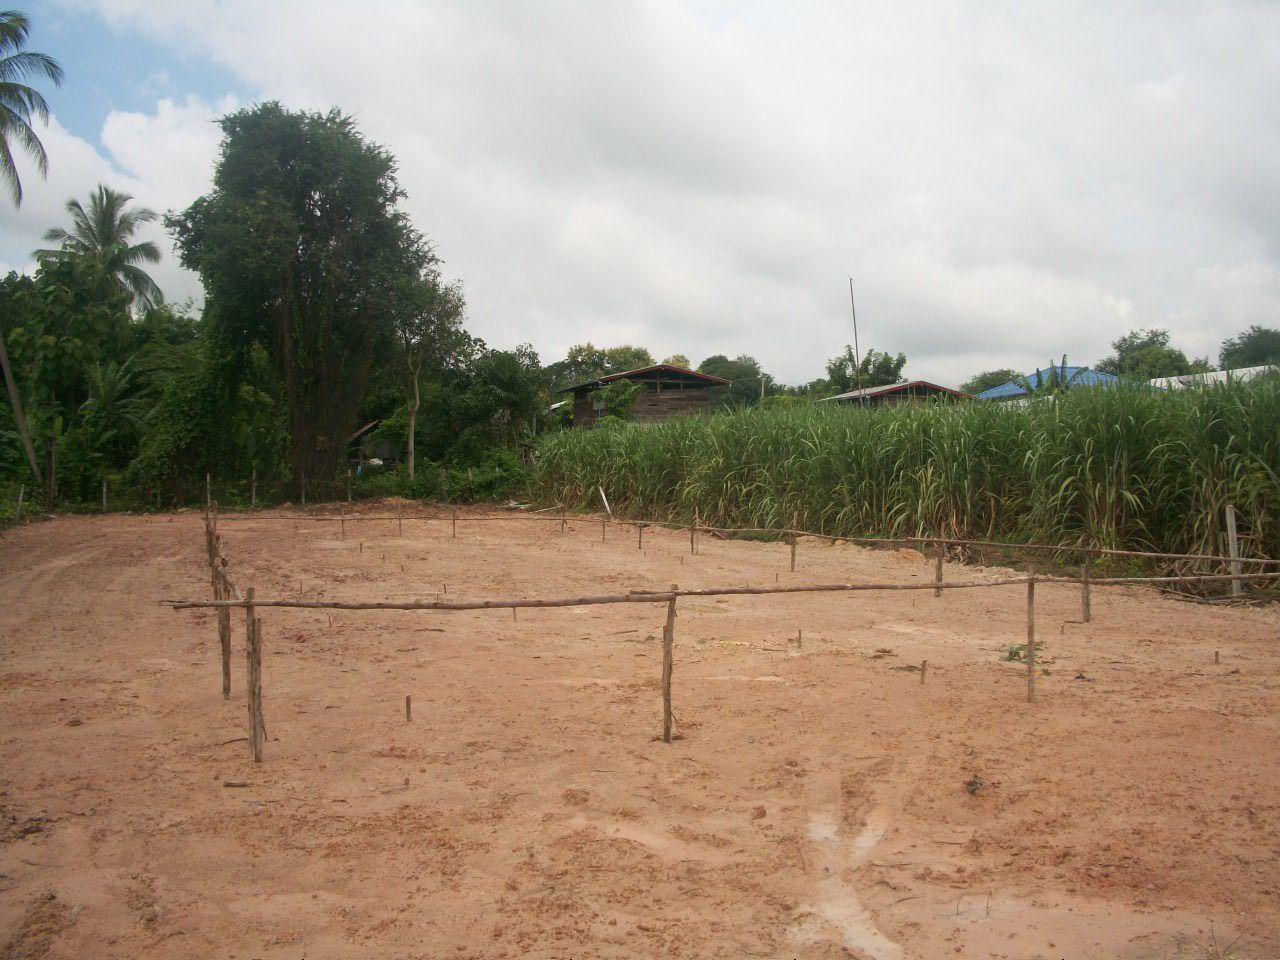 Projet de maison: Implantation sur le terrain